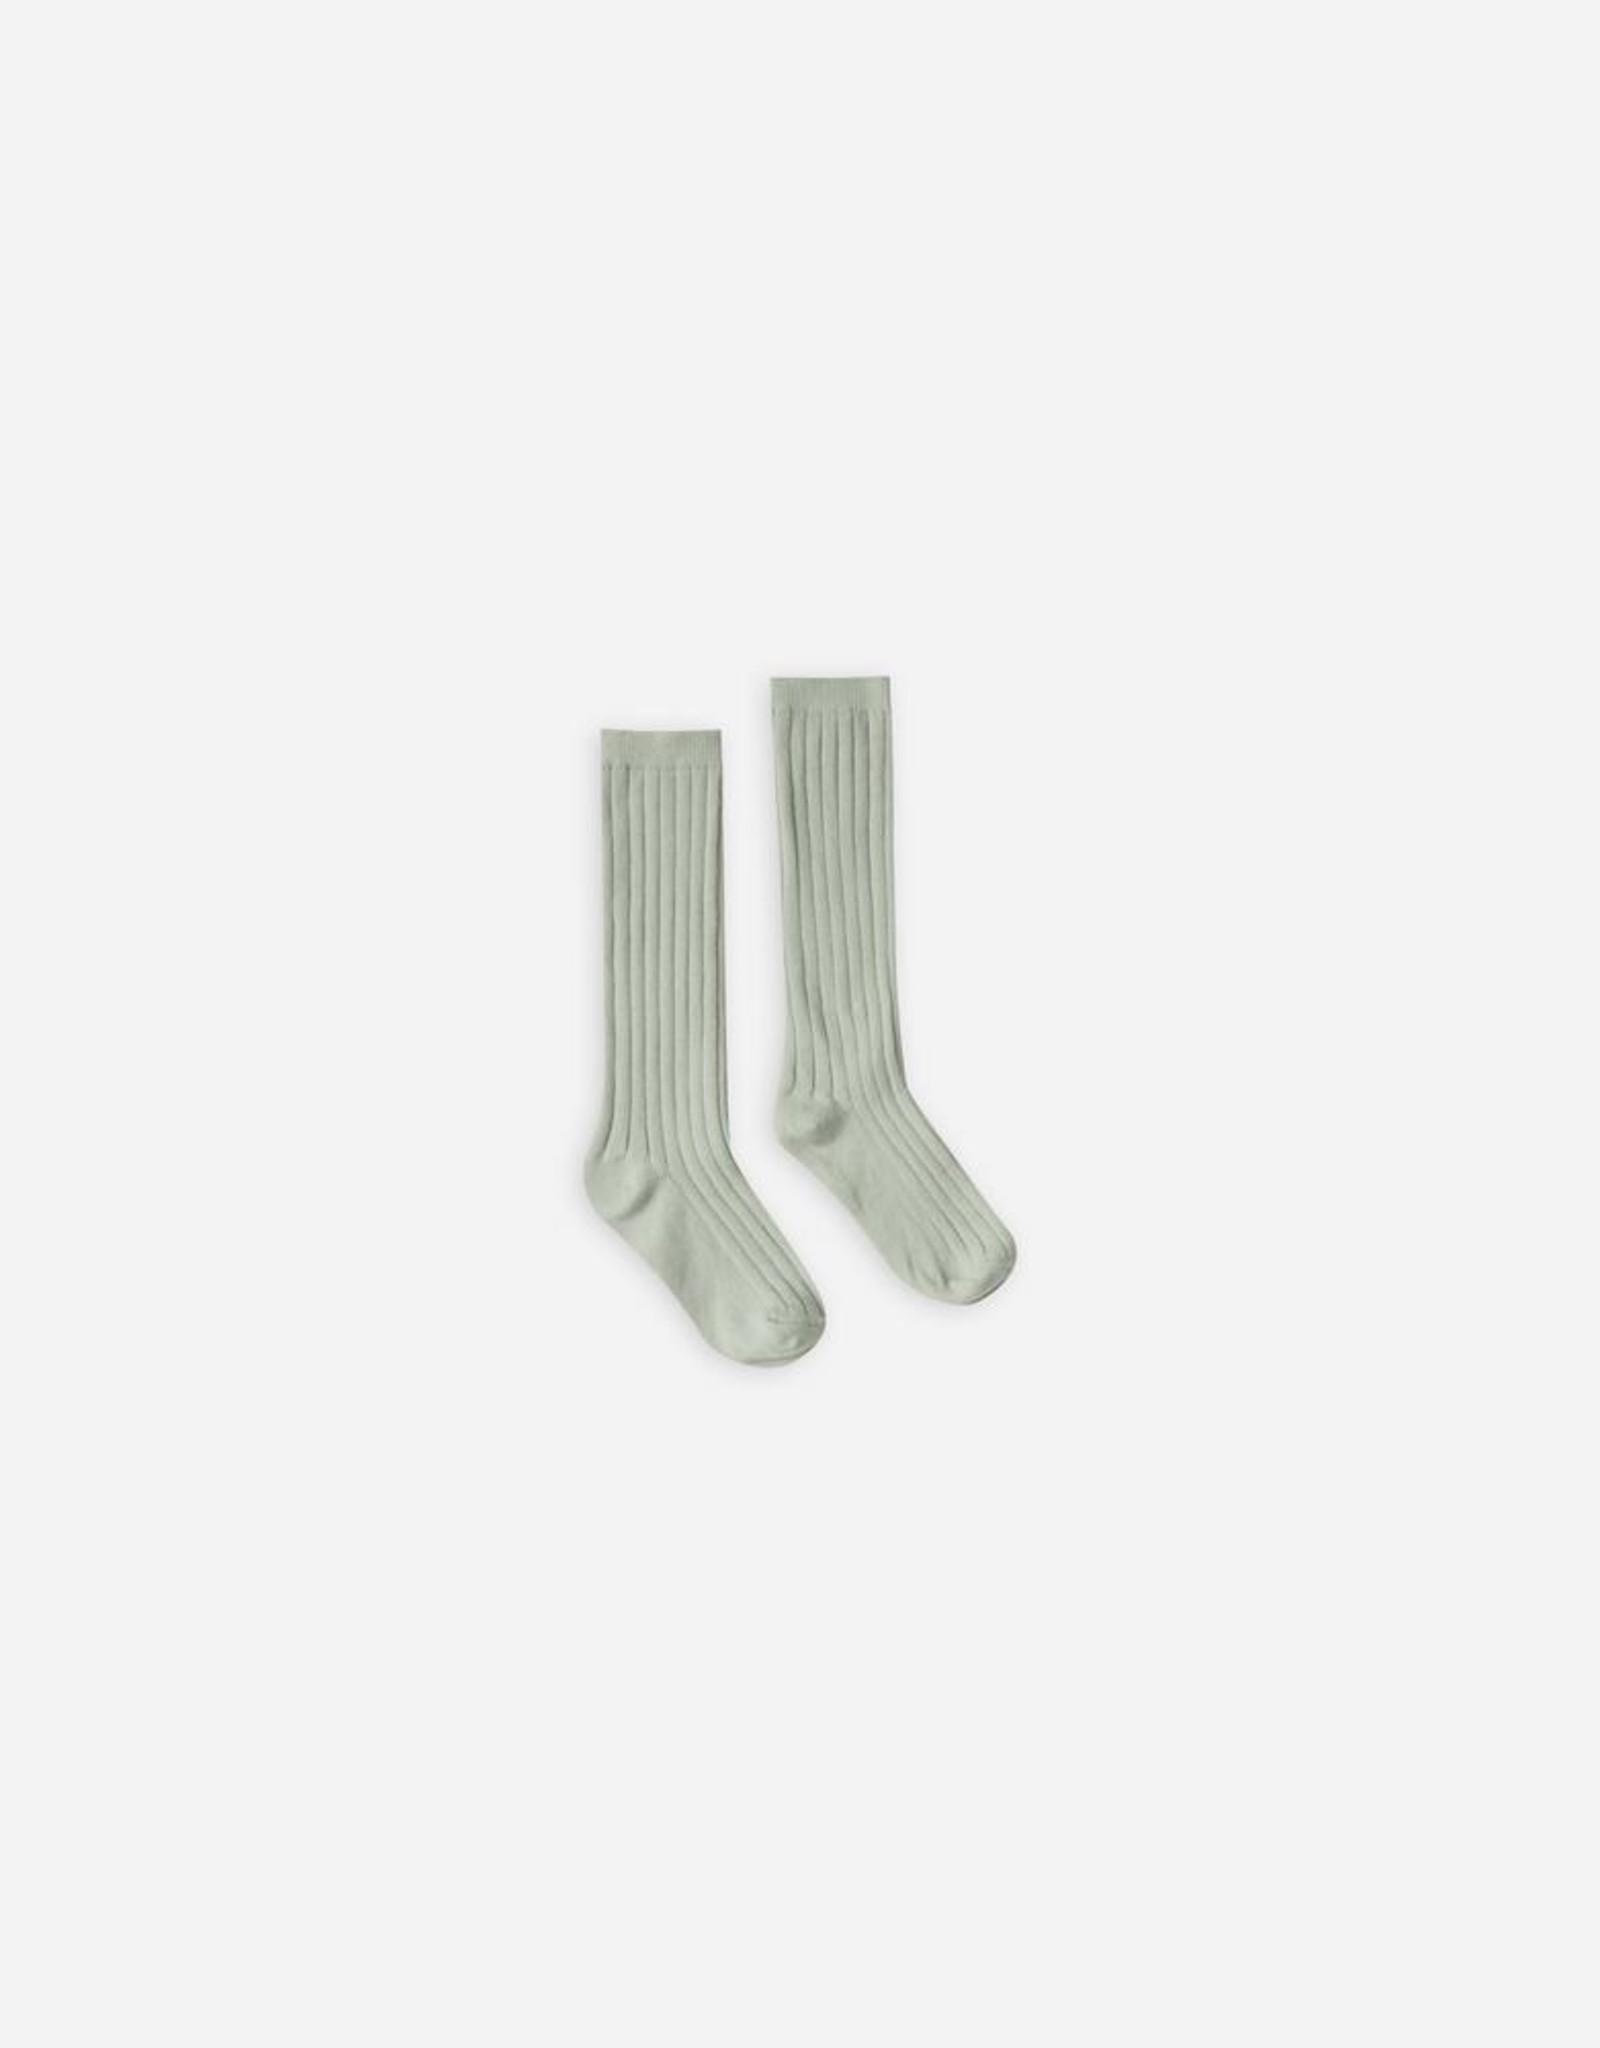 Rylee & Cru Rylee & Cru Solid Rib Socks Seafoam 6-12